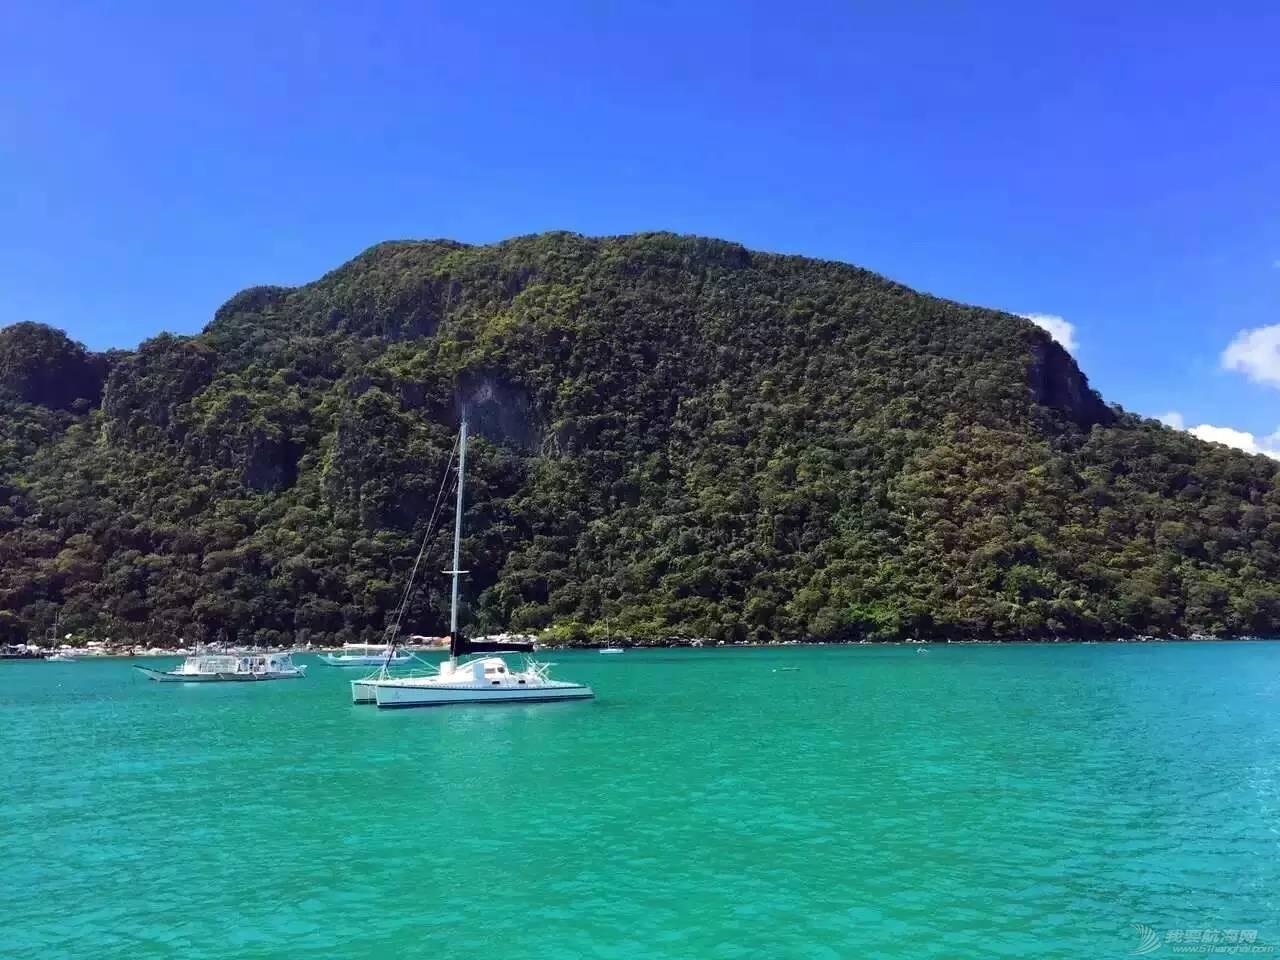 菲律宾,东南亚,照片,左右 3000海里远航东南亚//第二站【菲律宾-东马】 4ca81c8b9eea26bcc4b187ed64f925e6.jpg